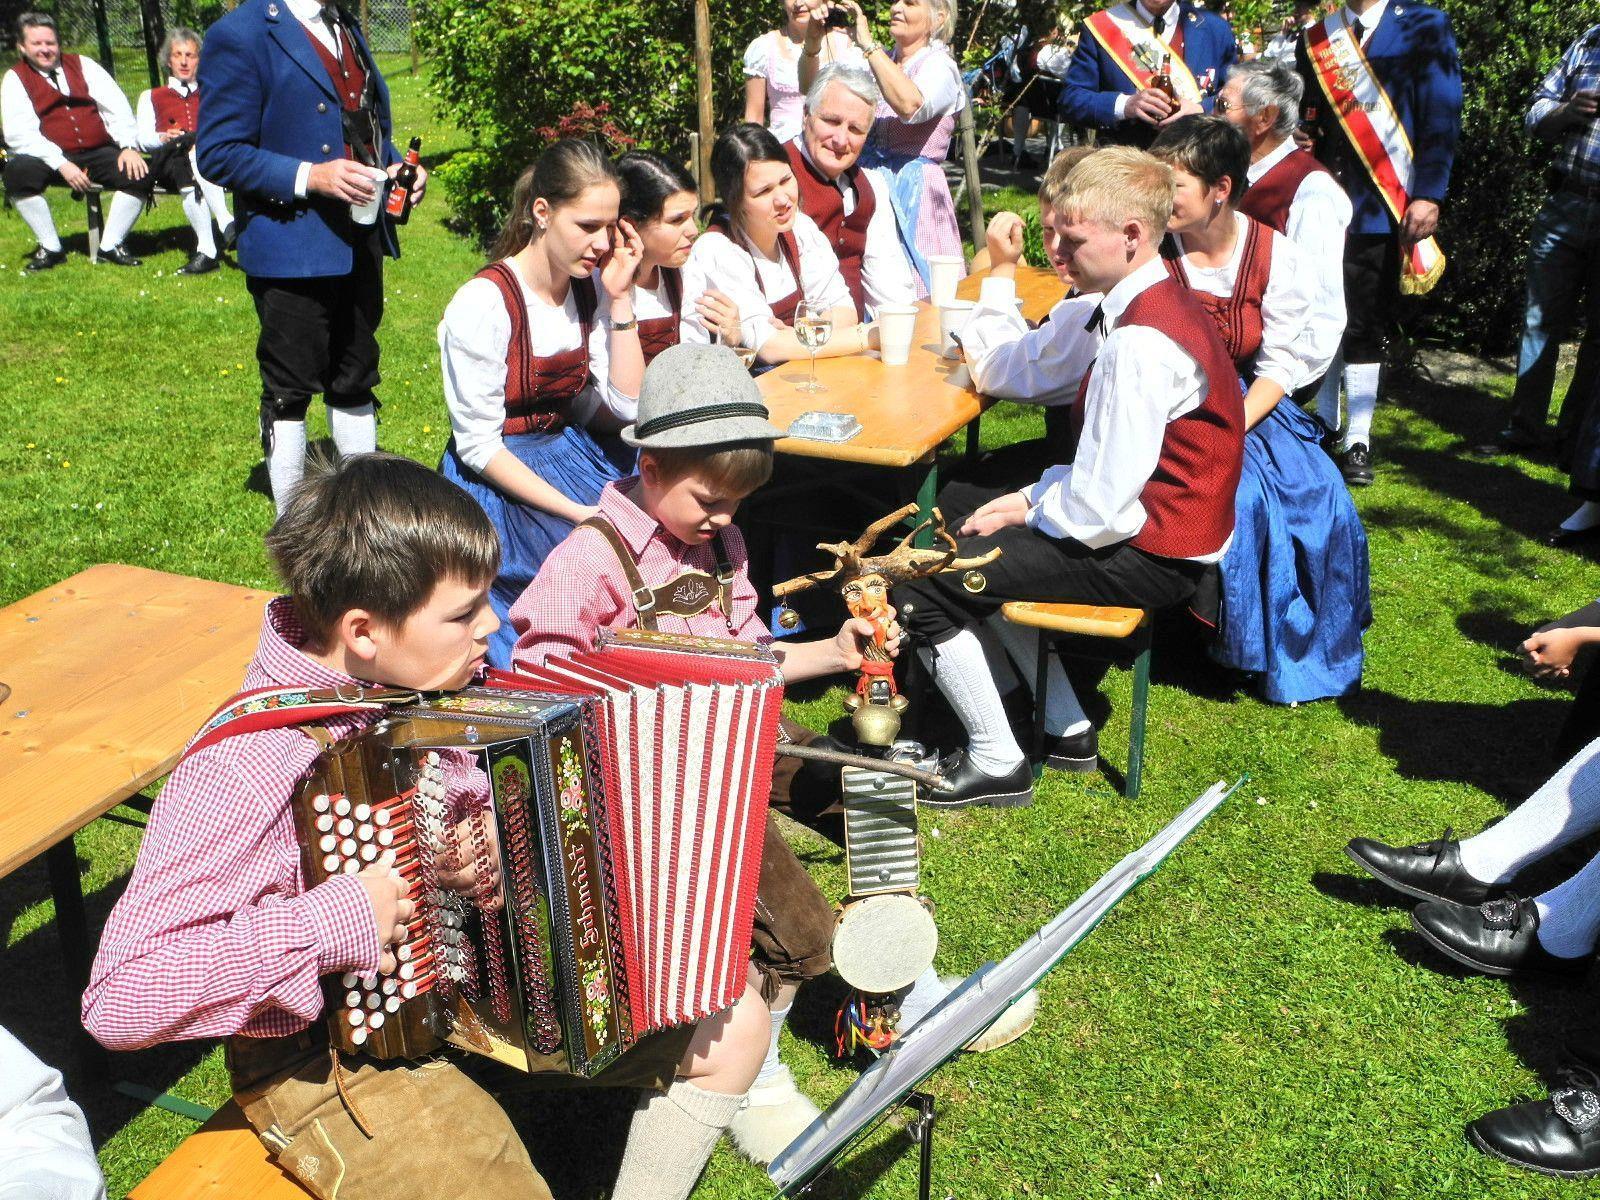 Dominik mit der Steirischen Orgel und Marcel mit dem Schellenbaum brachten dem MV Gisingen ein Ständchen